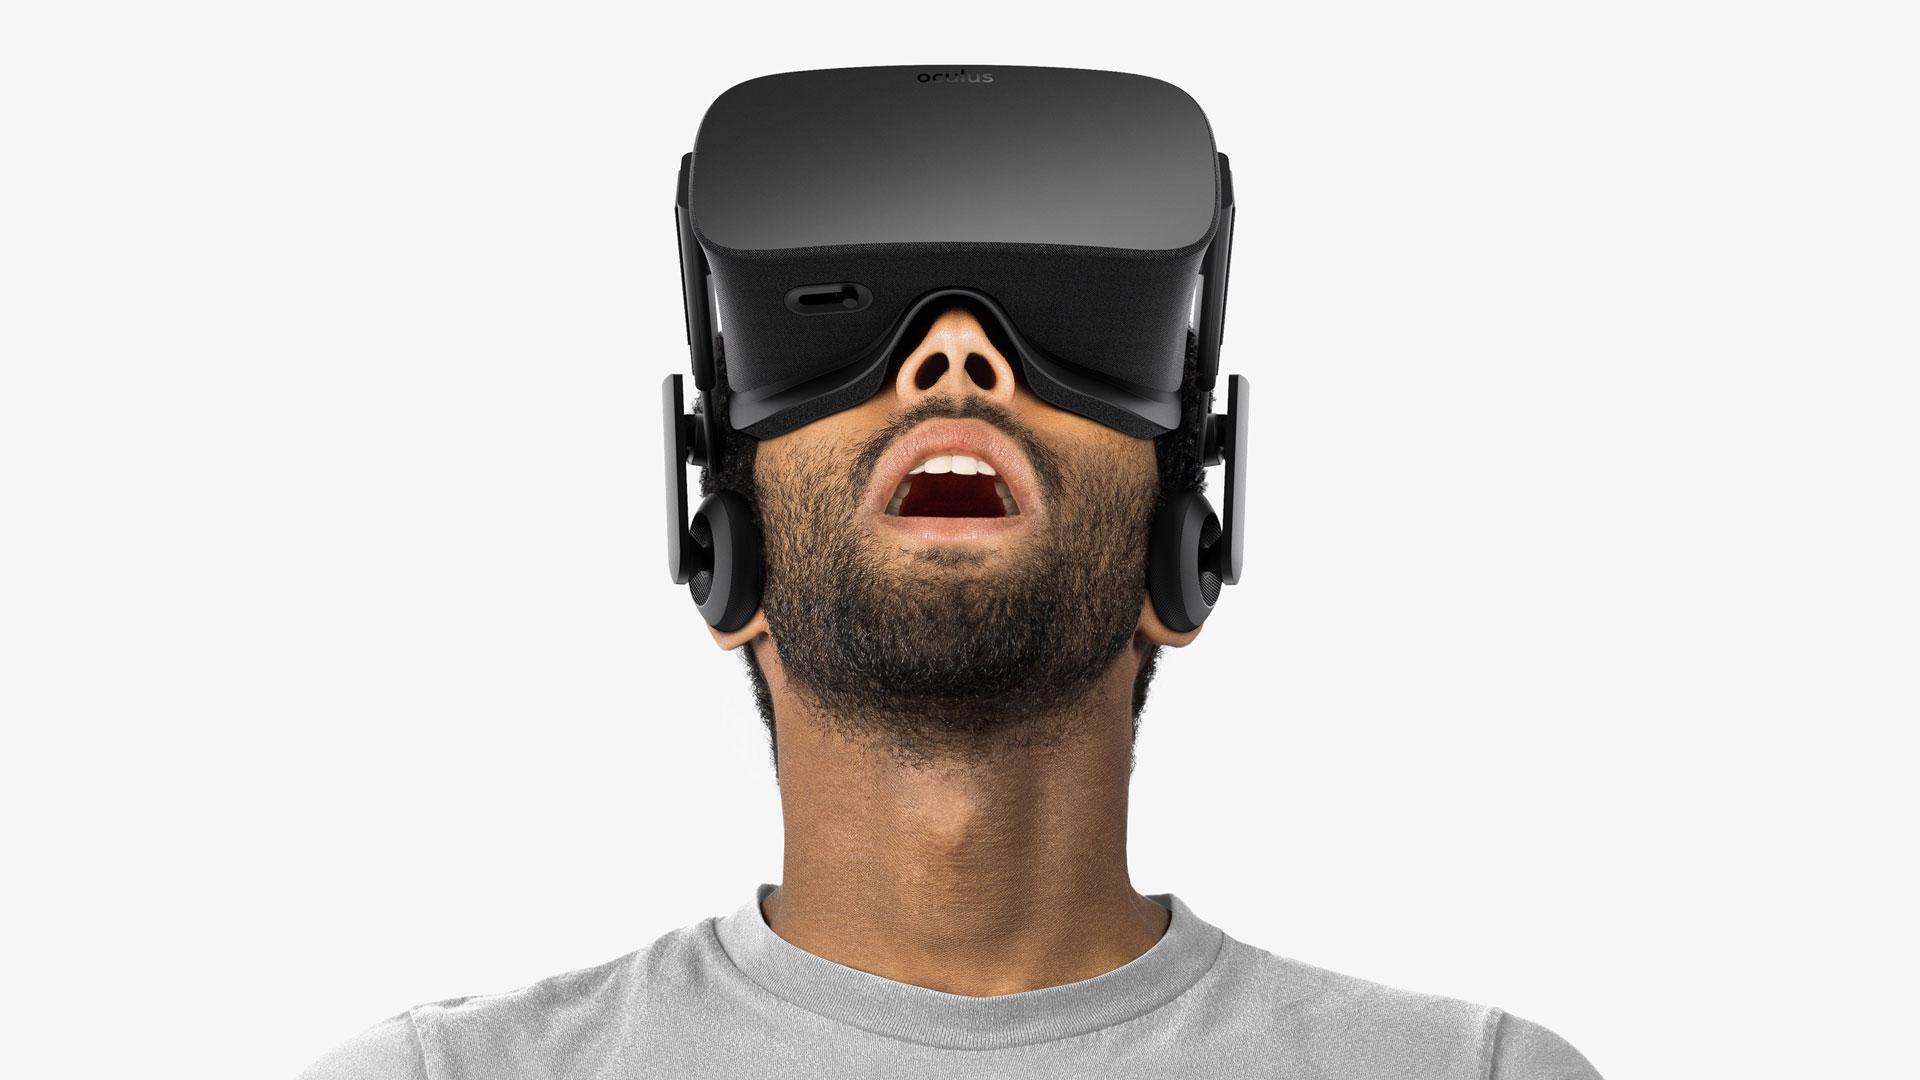 Die VR-Brille Oculus Rift wird ab Ende März 2016 verfügbar sein.